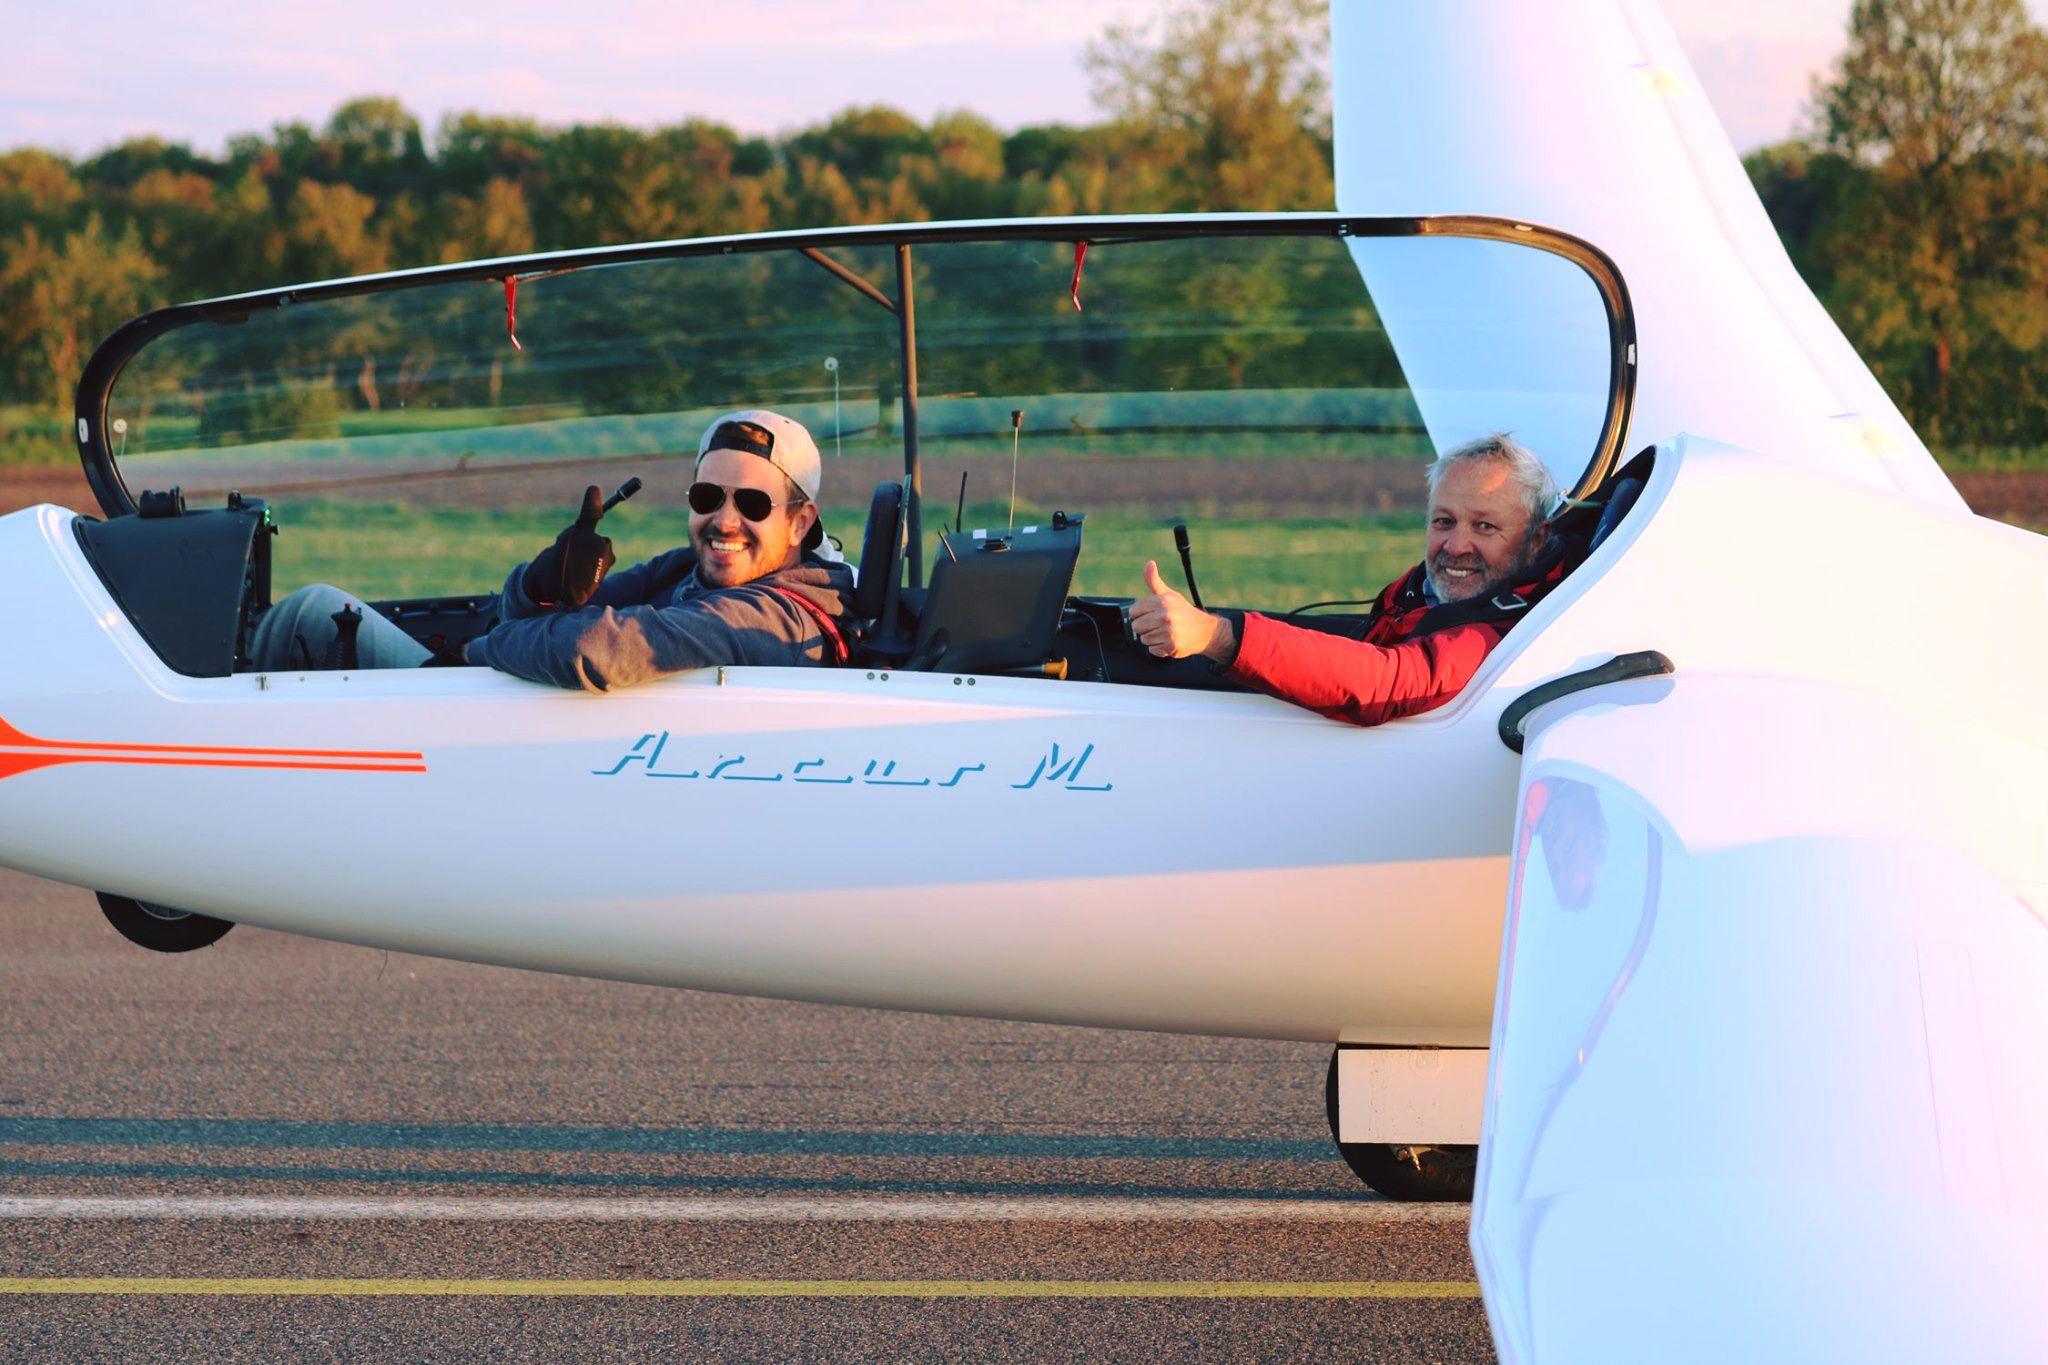 Max und Bernd kurz nach der Landung - 1000 km check!